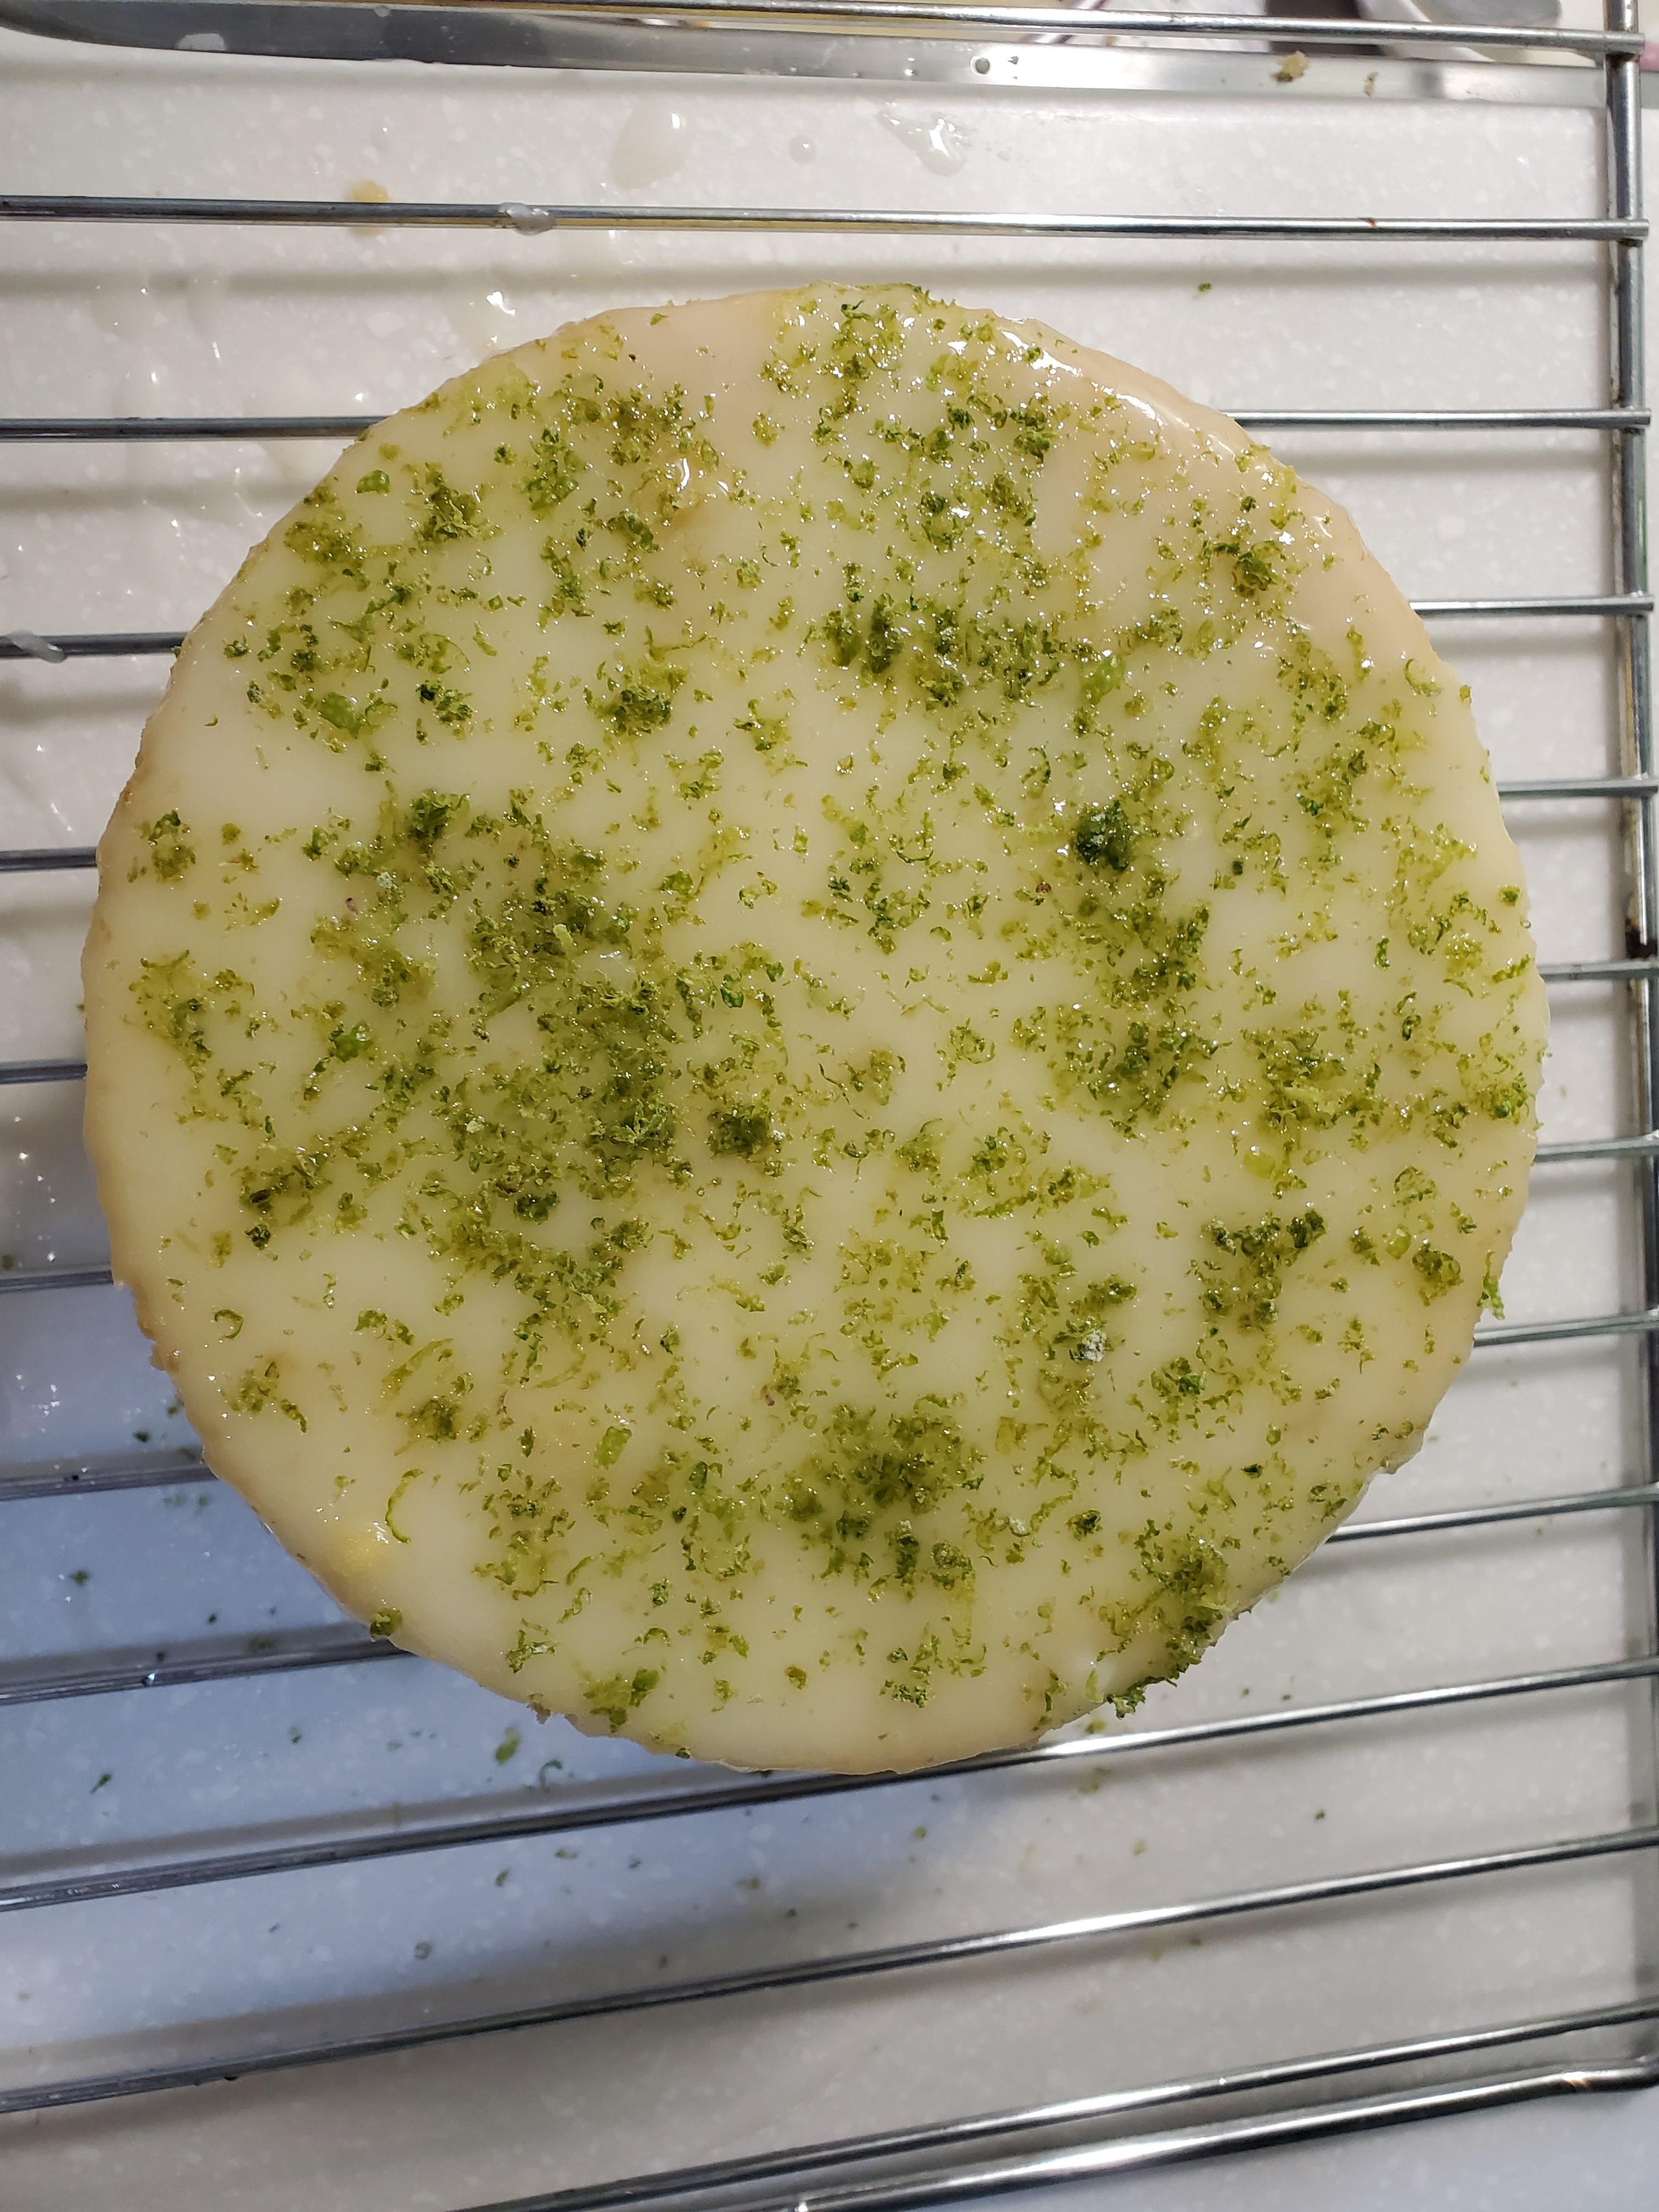 老奶奶檸檬蛋糕6吋(自己做資料)